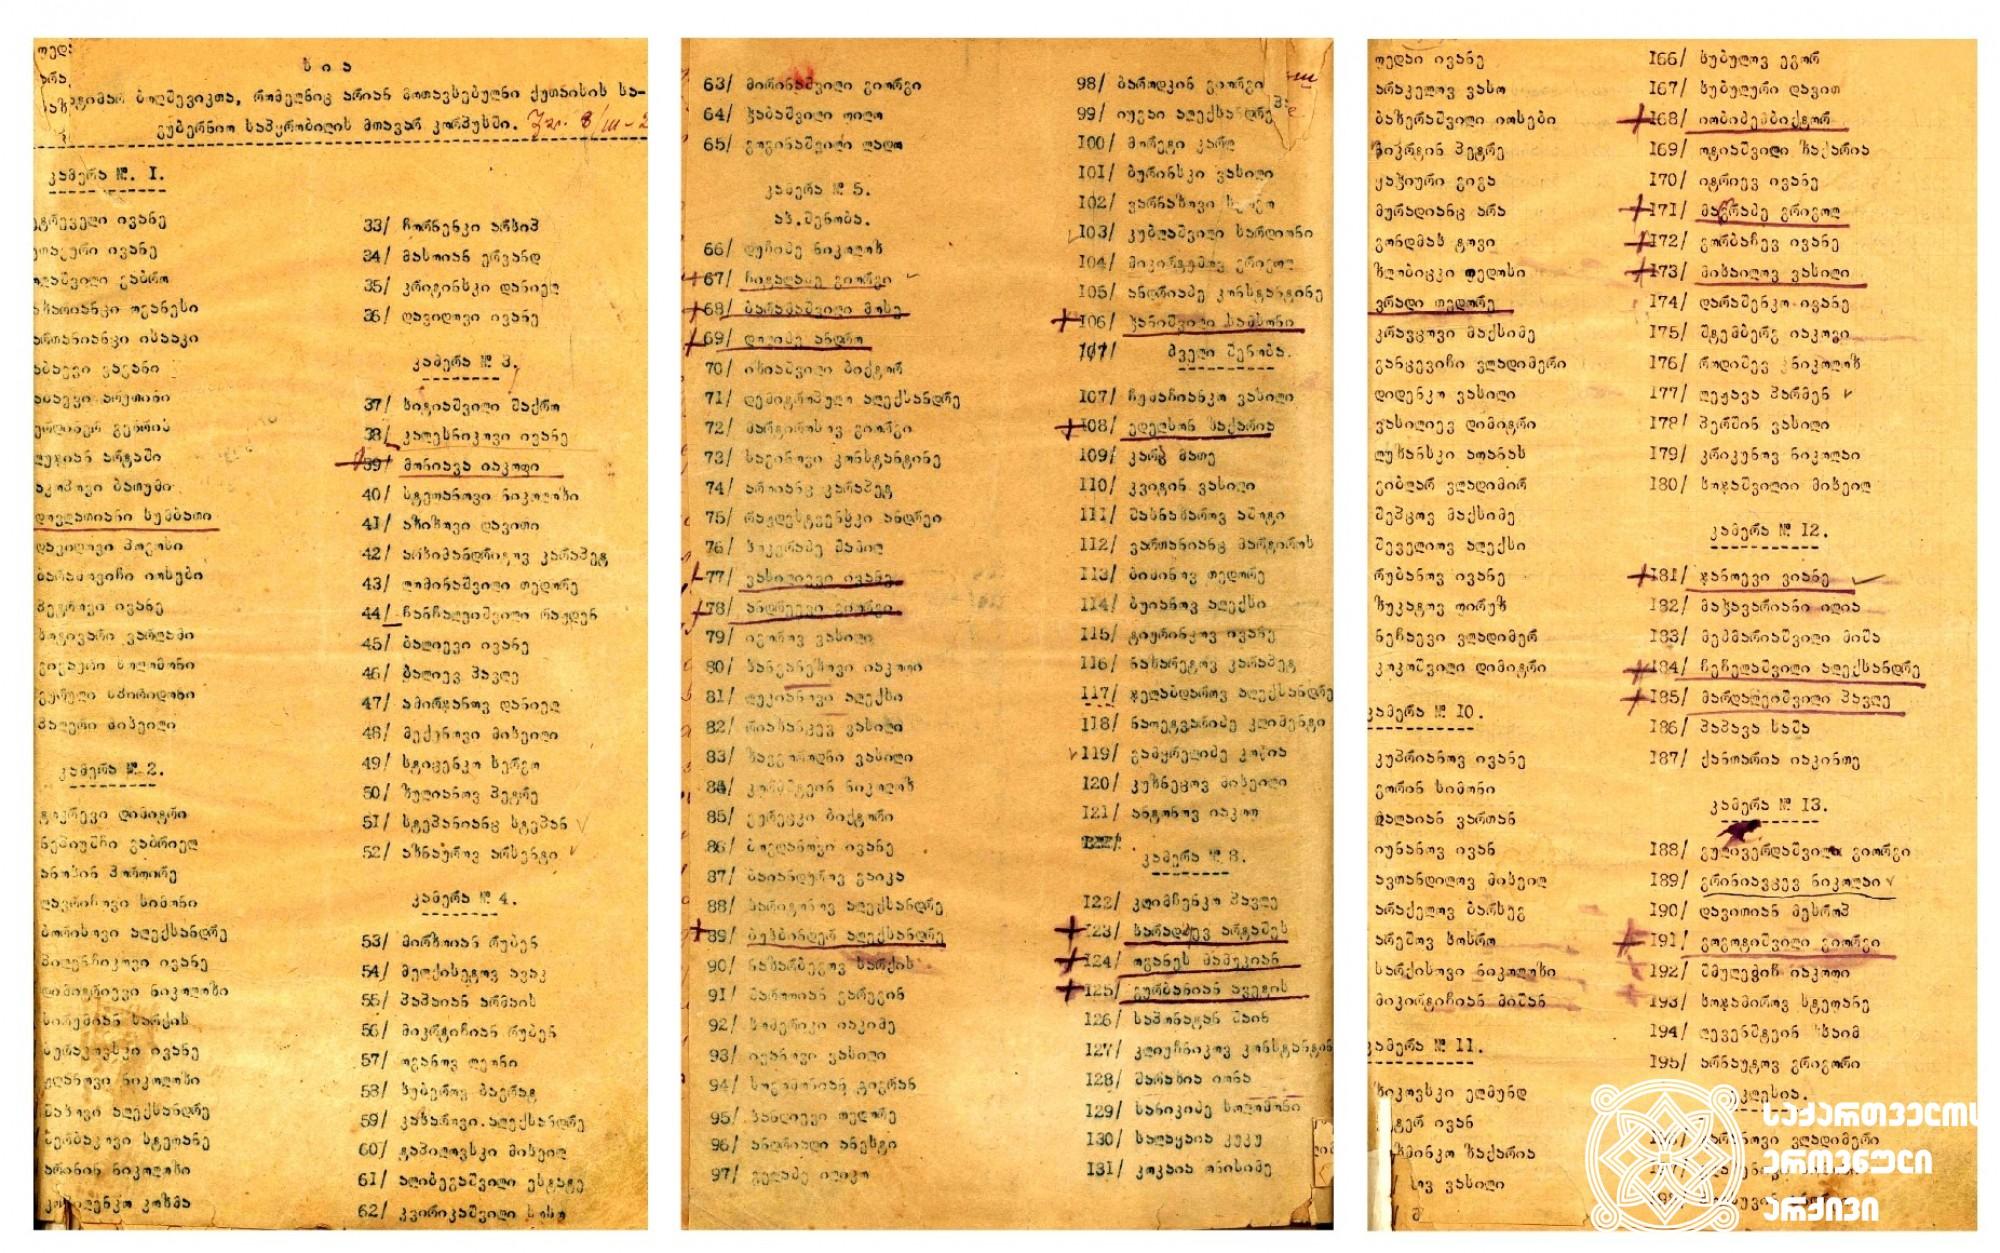 რუსეთ-საქართველოს ომის დროს ქუთაისის საპყრობილეში დაპატიმრებული ბოლშევიკების სიის ნაწილი. <br> 1921 წლის თებერვალი. <br> Part of the list of Bolsheviks imprisoned in Kutaisi prison during the Russian-Georgian war. <br> February 1921.